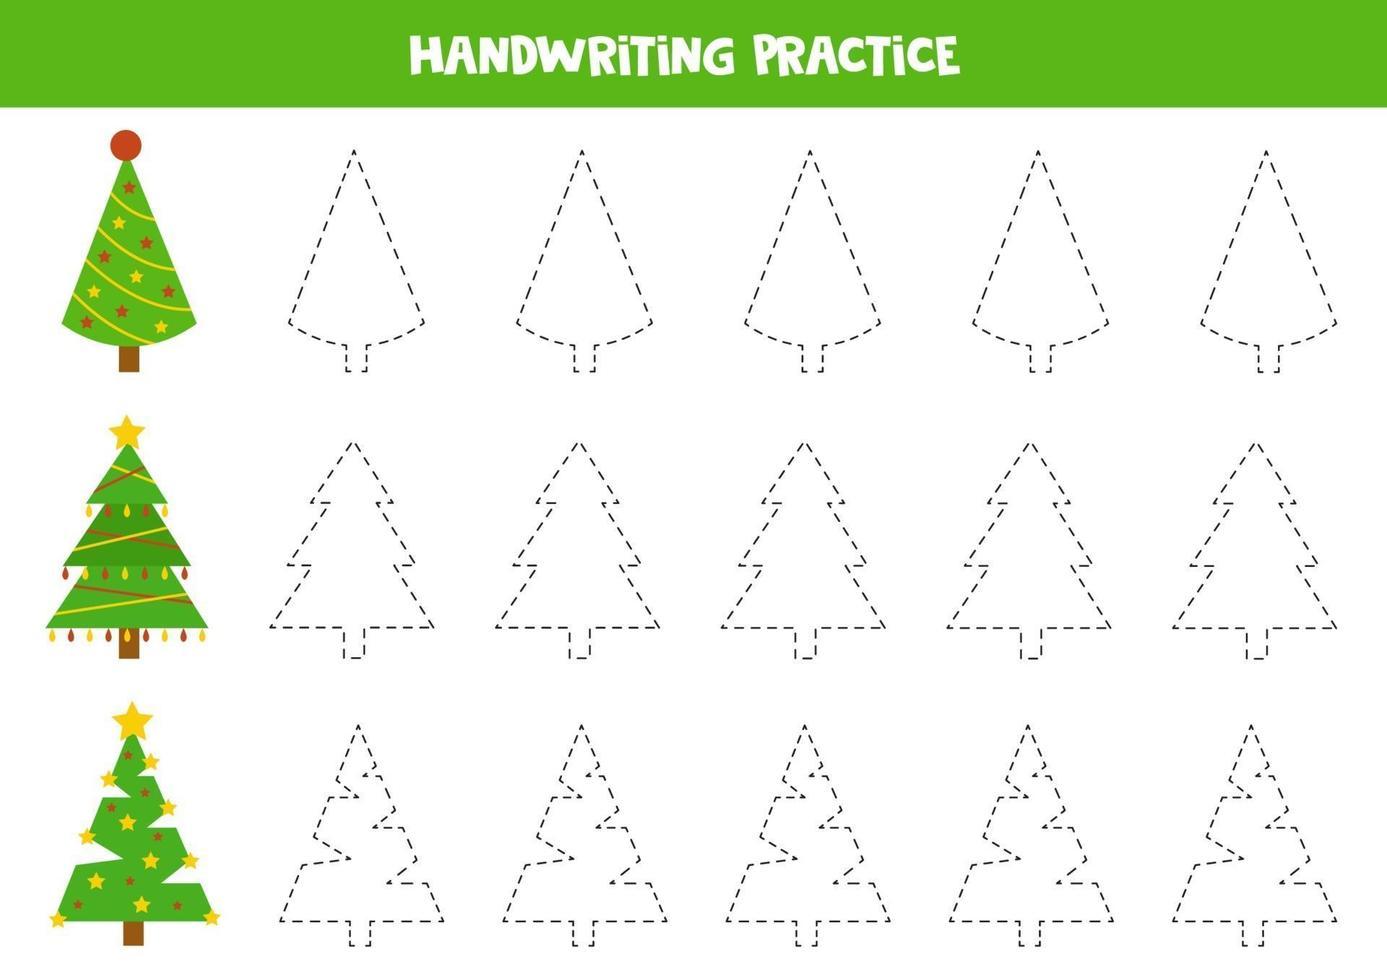 pratique des compétences d'écriture. traçant des lignes avec des arbres de Noël. vecteur